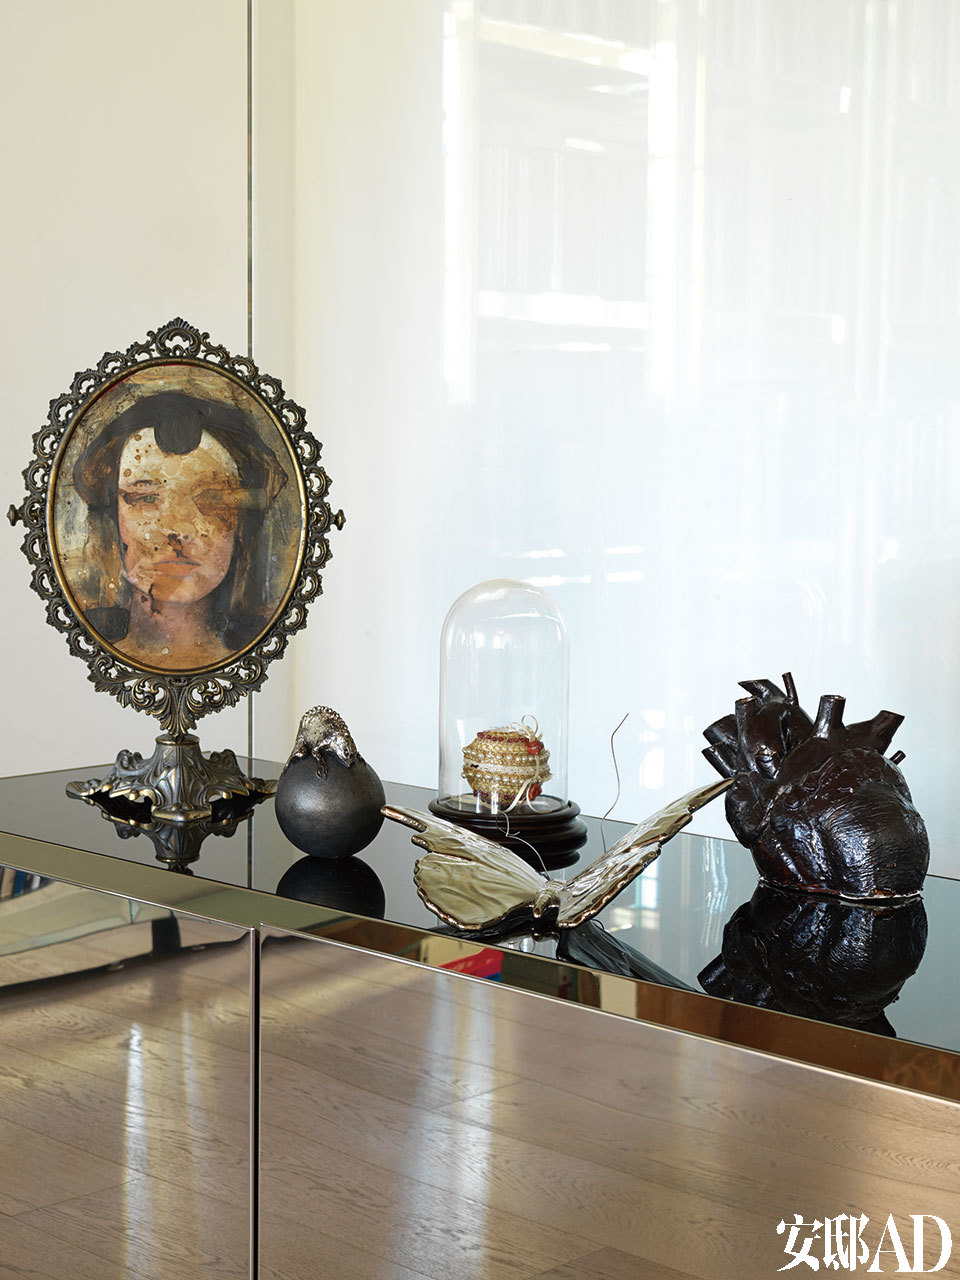 客厅中的小摆件,全部来自推崇当代艺术的Wunderkammer Visionnaire。